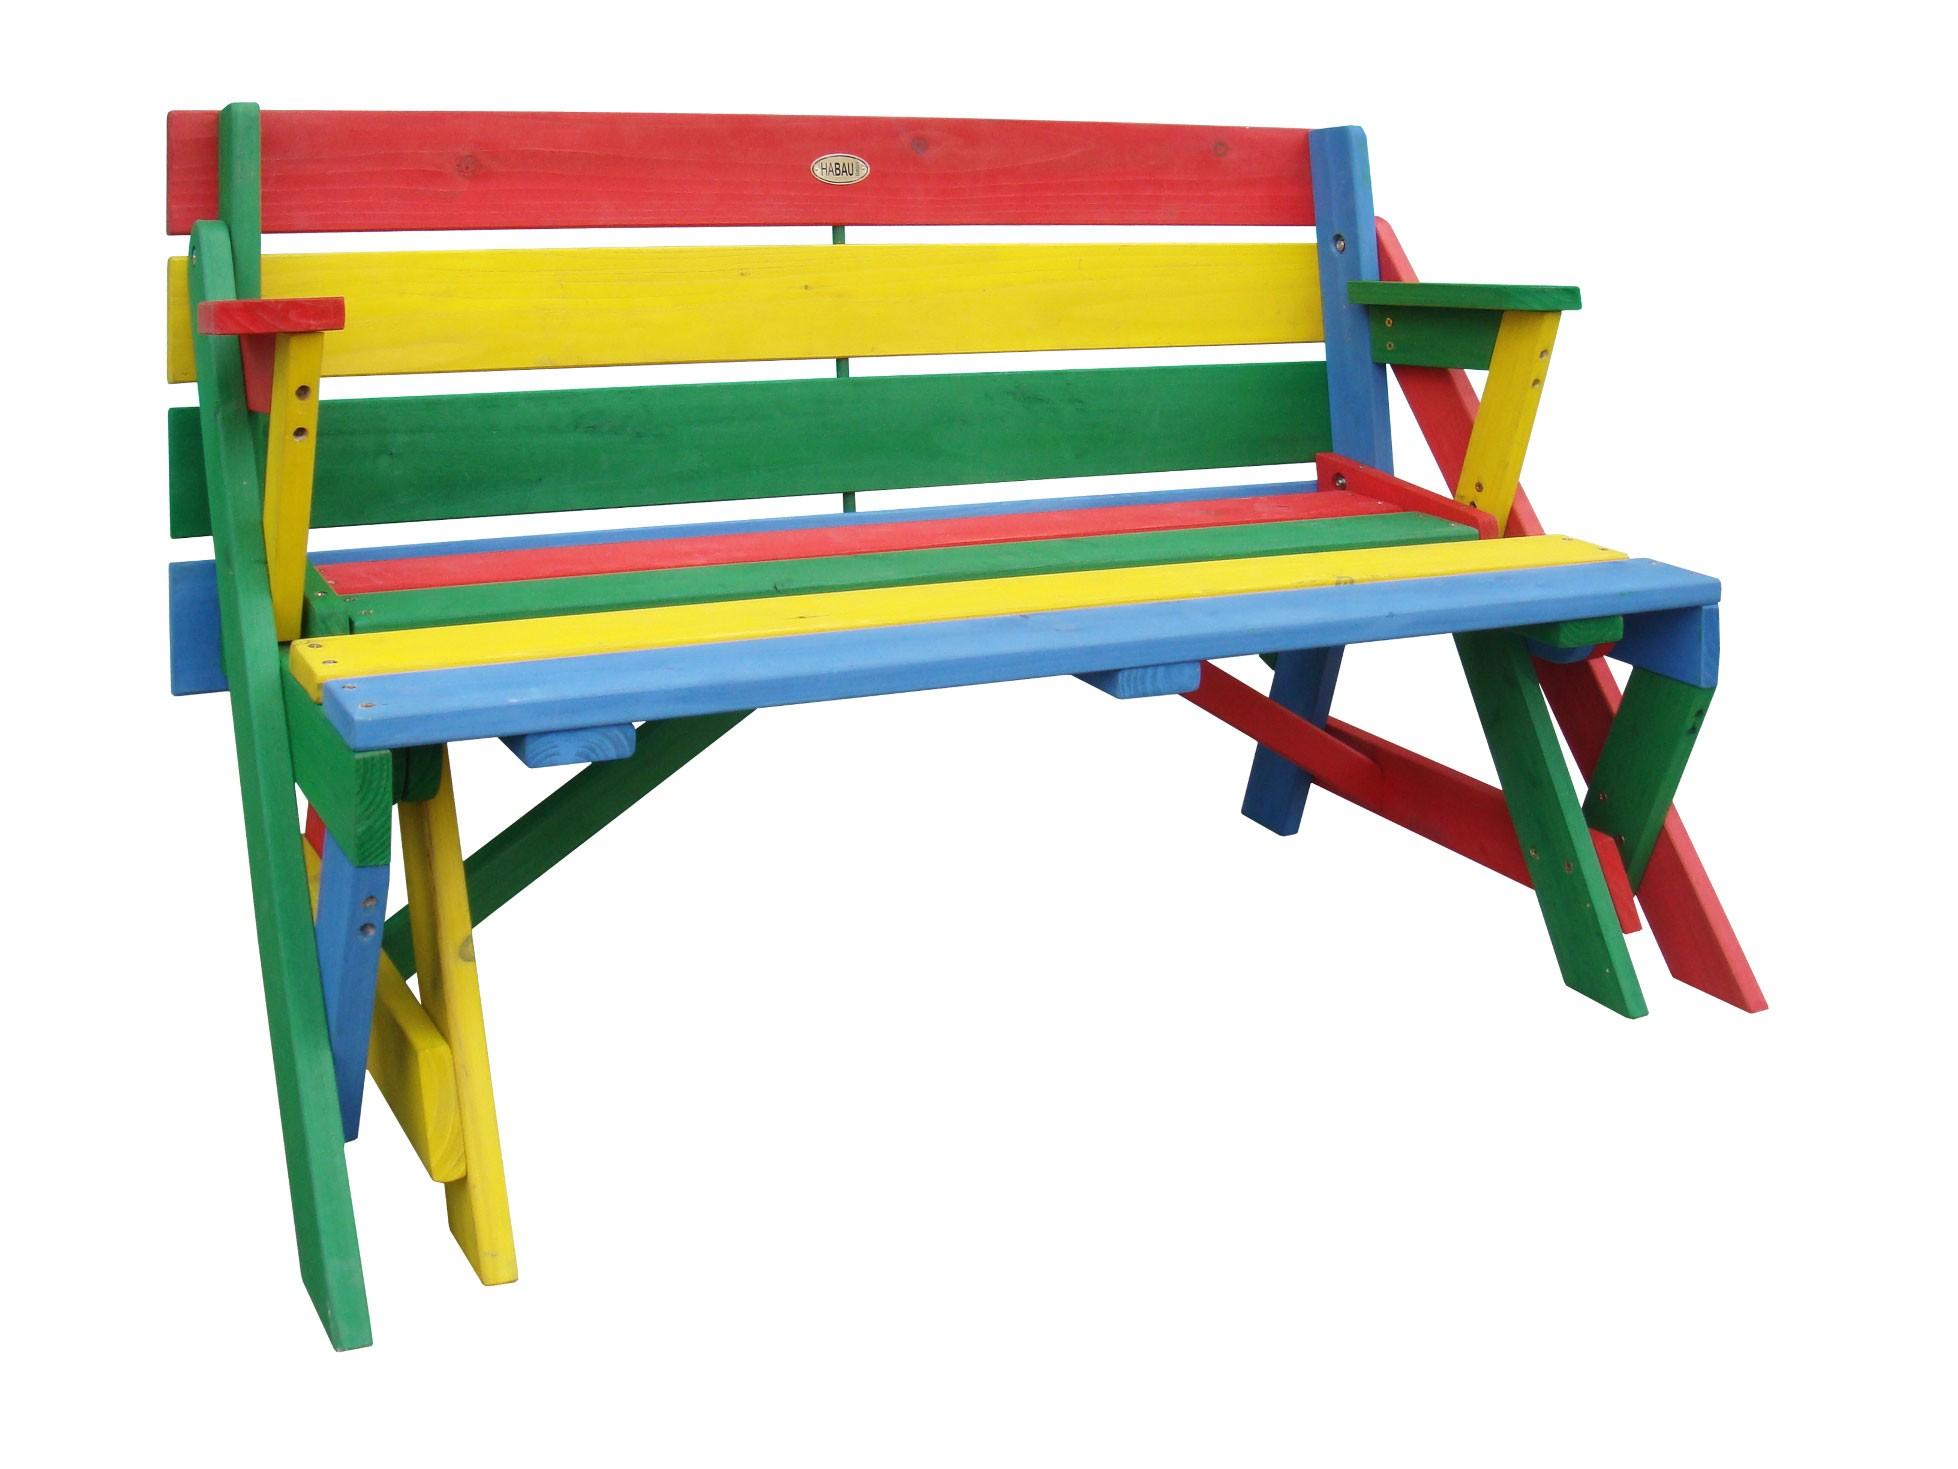 Kinder Picknicktisch / Sitzbank Habau farbig klappbar 2 Funktionen Bild 2